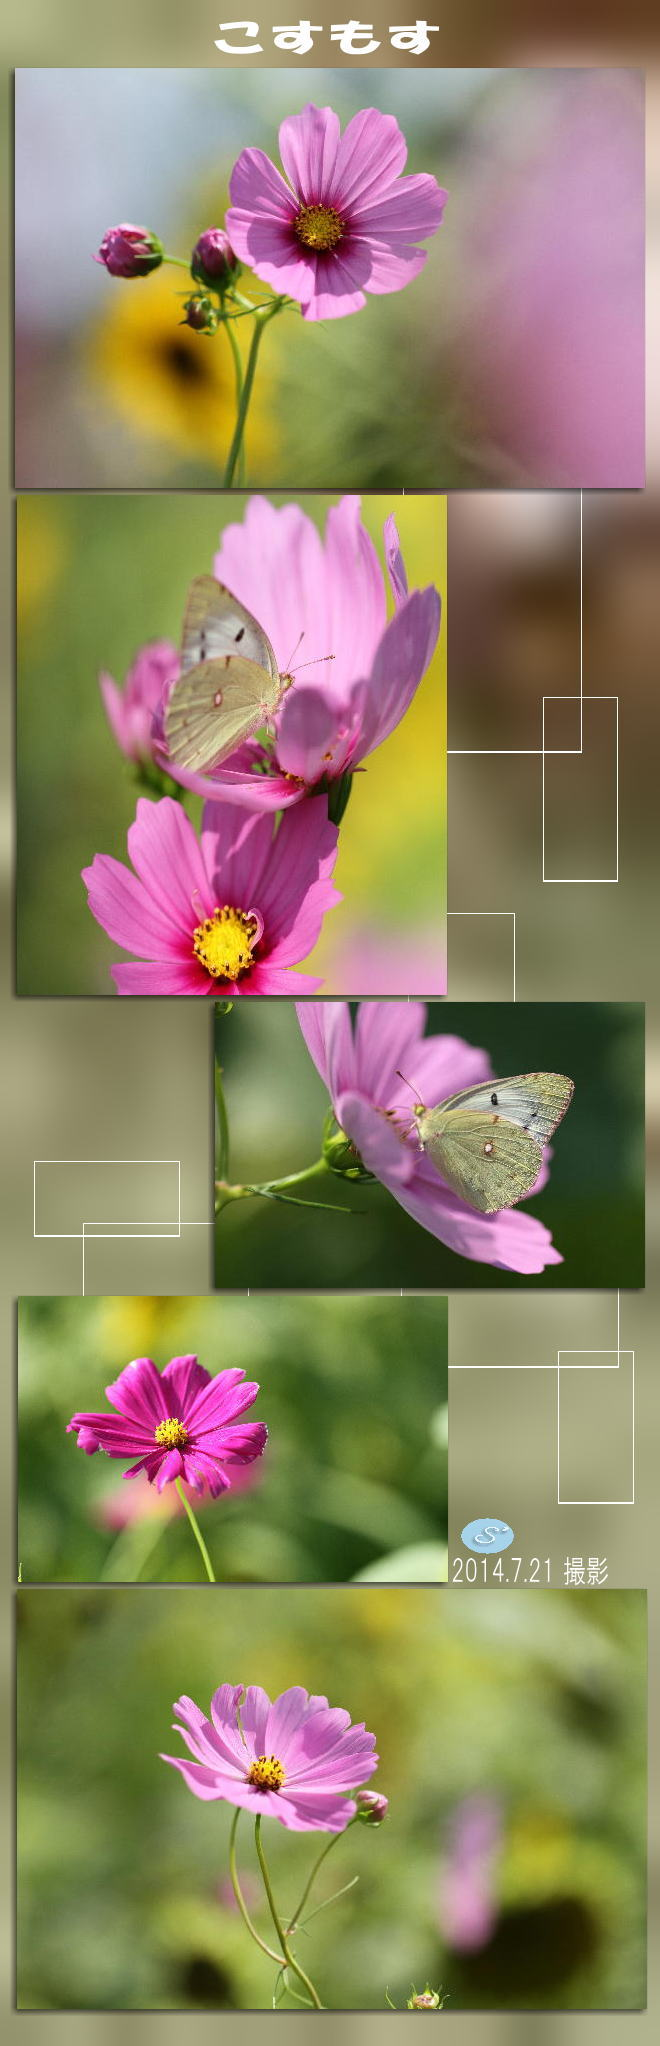 f0164592_13122178.jpg